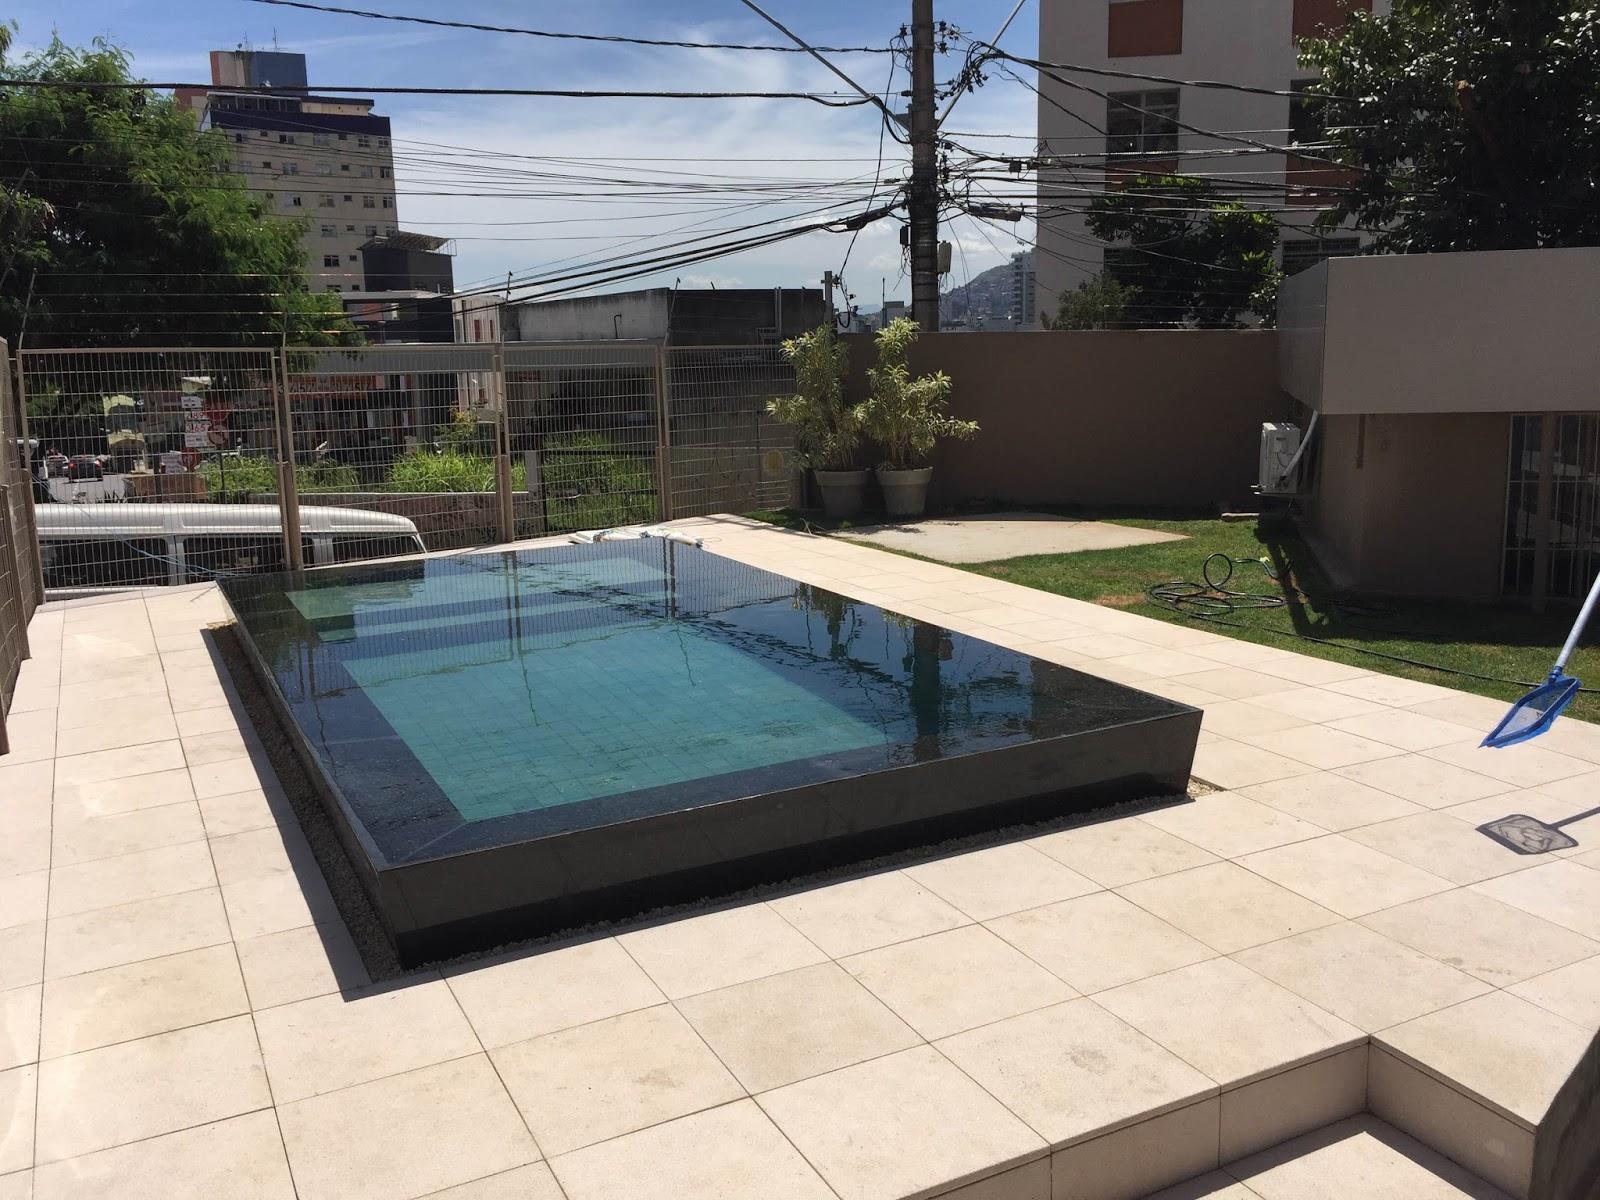 Fiber tudo para piscinas piscinas de alvenaria for De piscinas